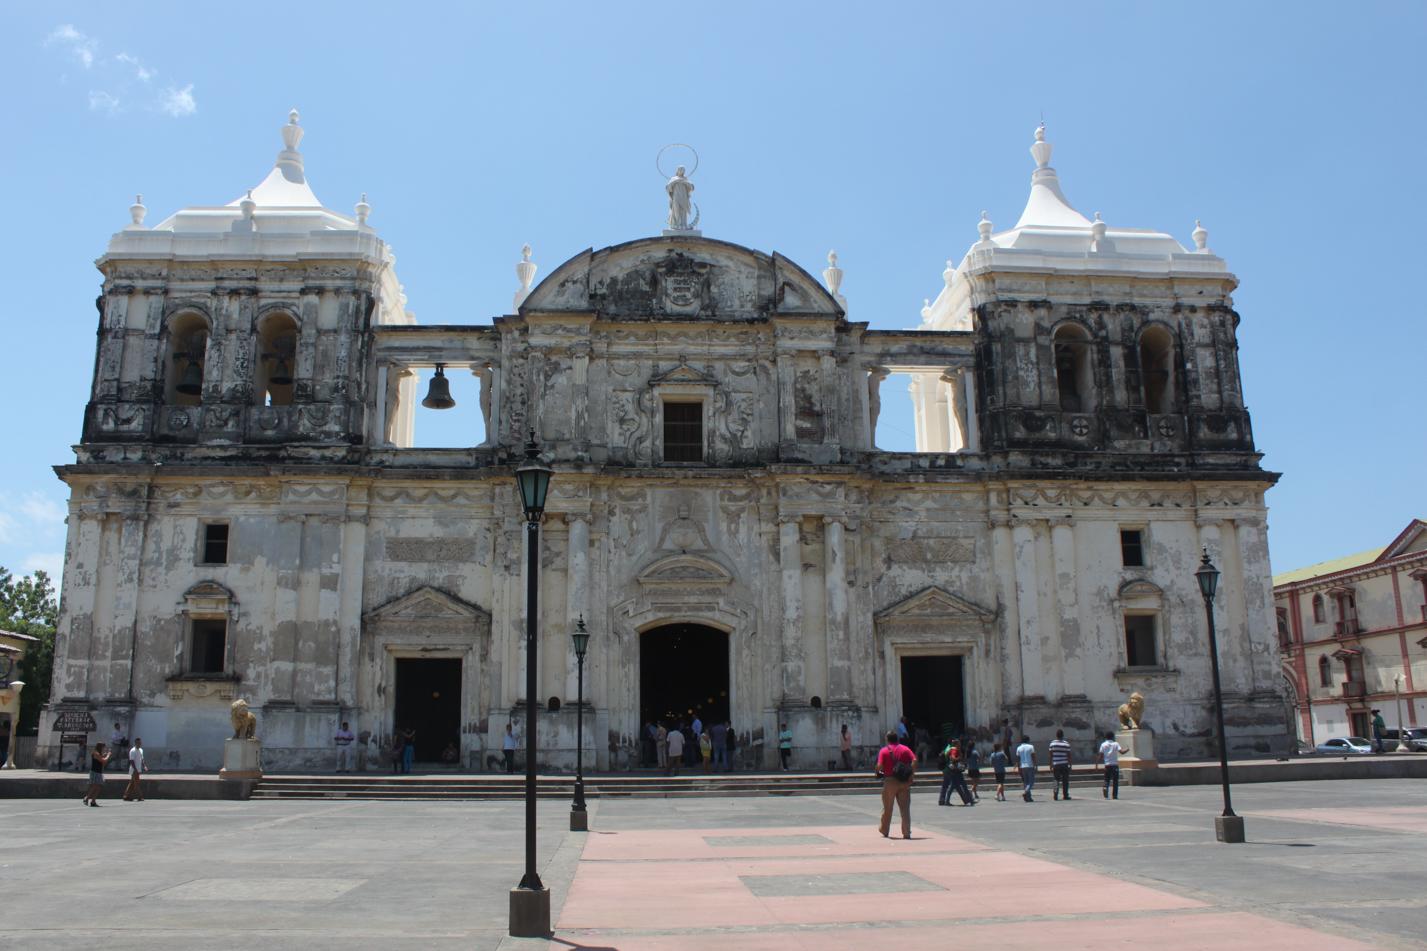 Die um 1860 nach über 100-jähriger Bauzeit fertiggestellte Kathedrale León Basilica de la Asunción gilt als die größte und älteste Mittelamerikas. Quelle: Wikipedia